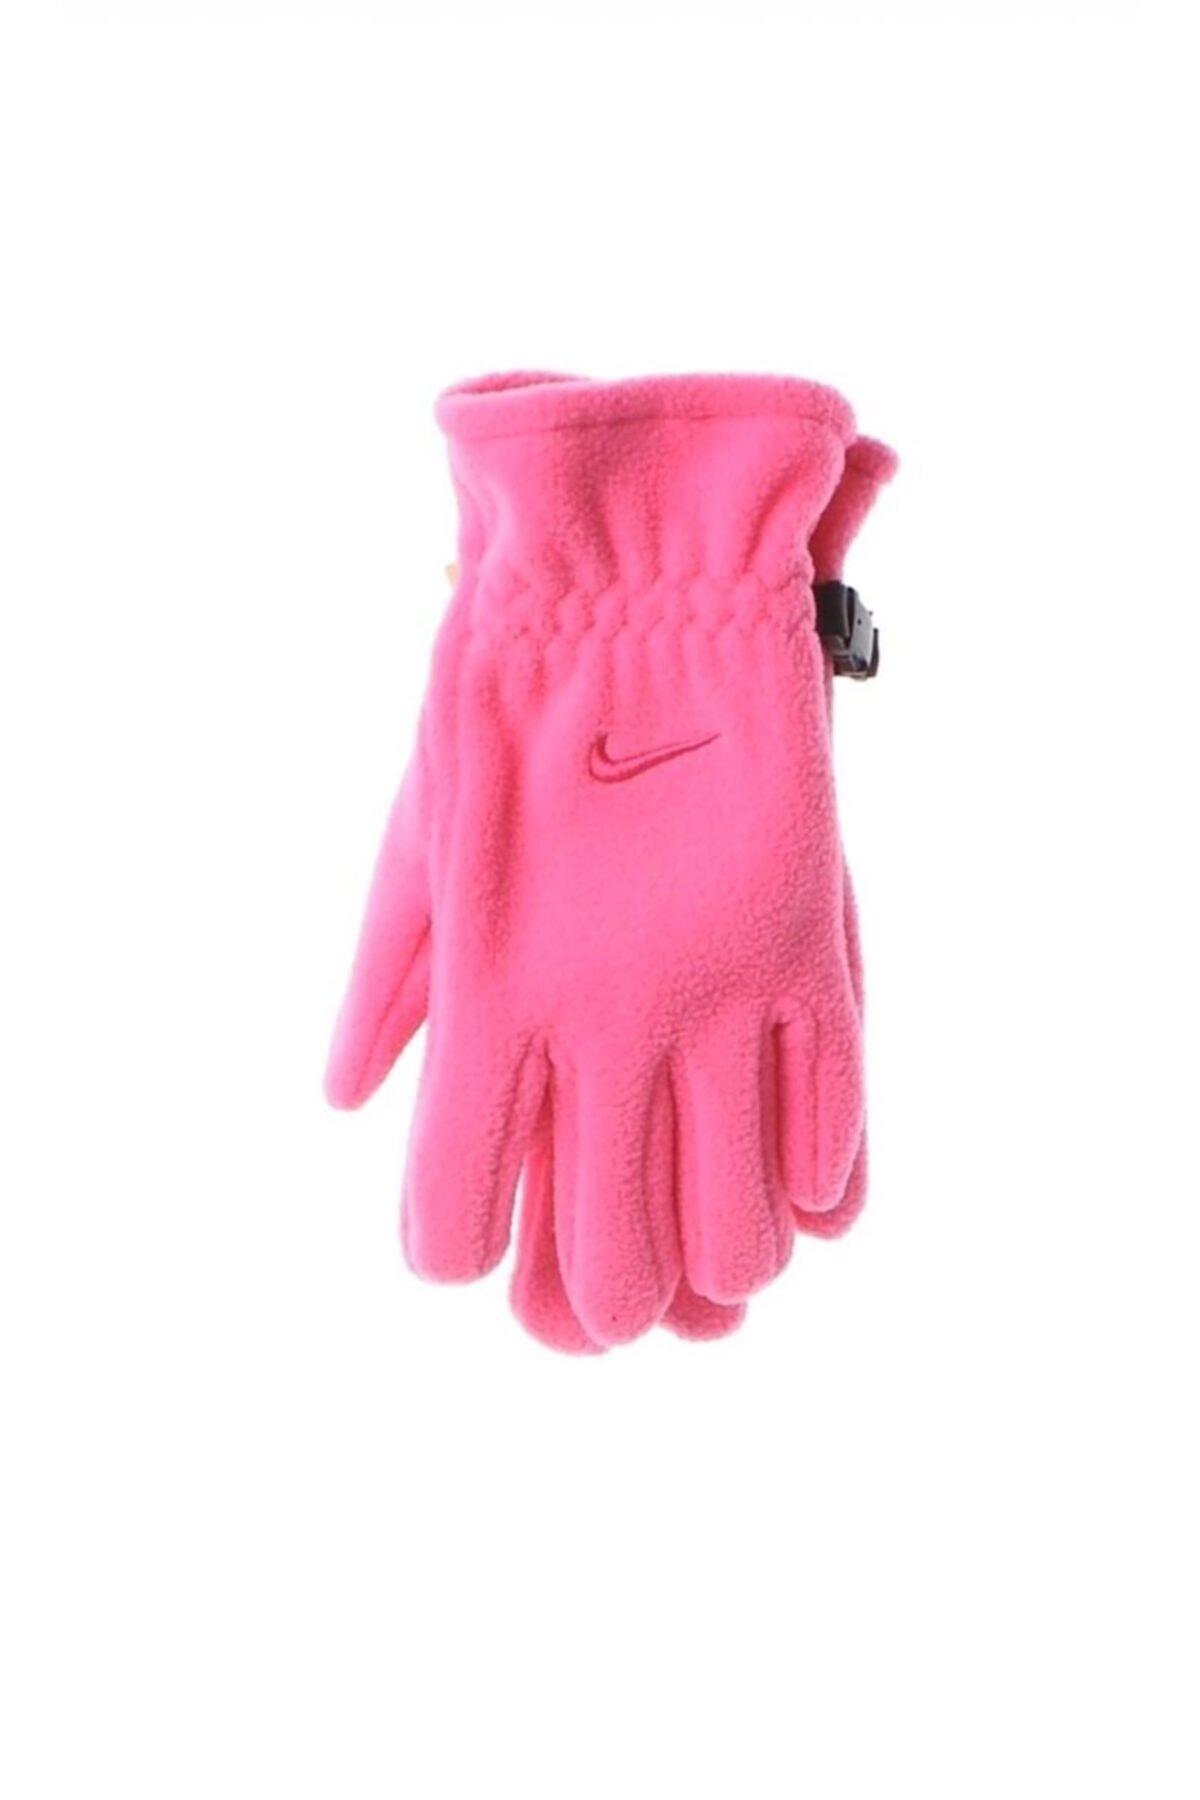 خرید انلاین دستکش طرح دار برند Nike اورجینال رنگ صورتی ty64945177